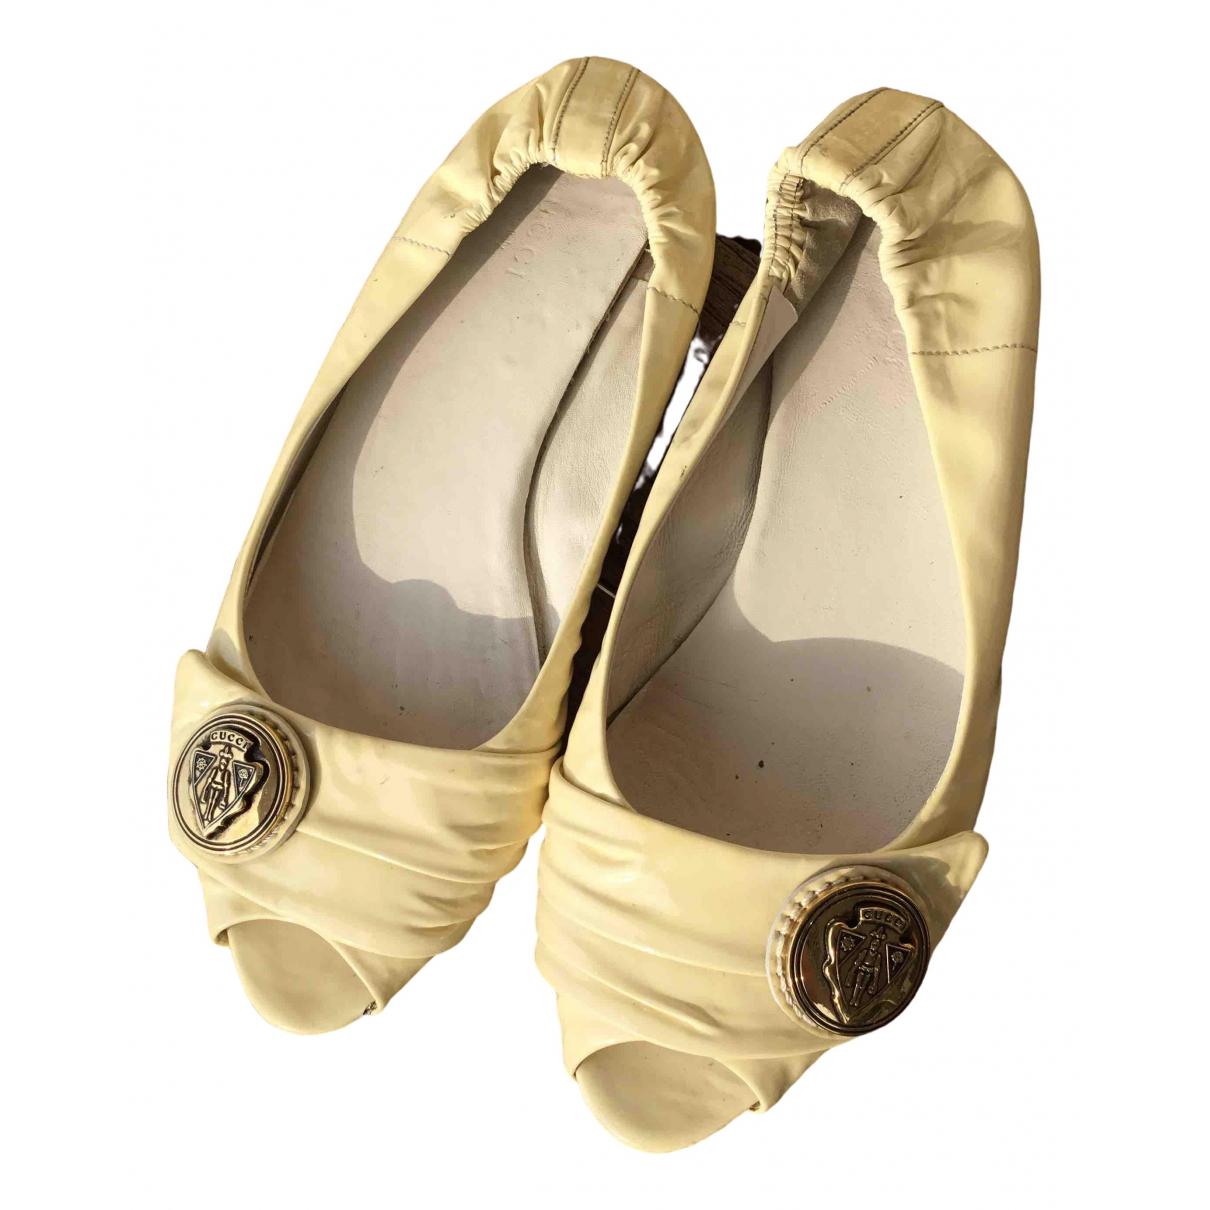 Bailarinas de Charol Gucci